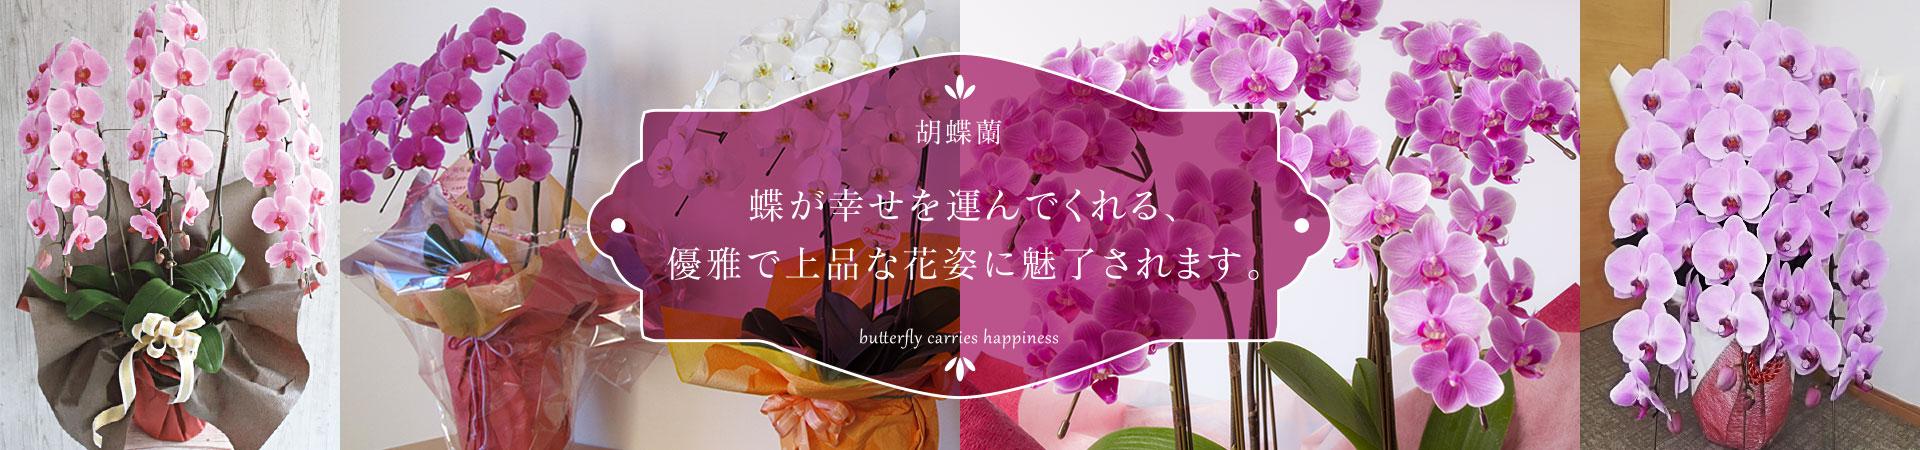 胡蝶蘭 蝶が幸せを運んでくれる、優雅で上品な花姿に魅了されます。